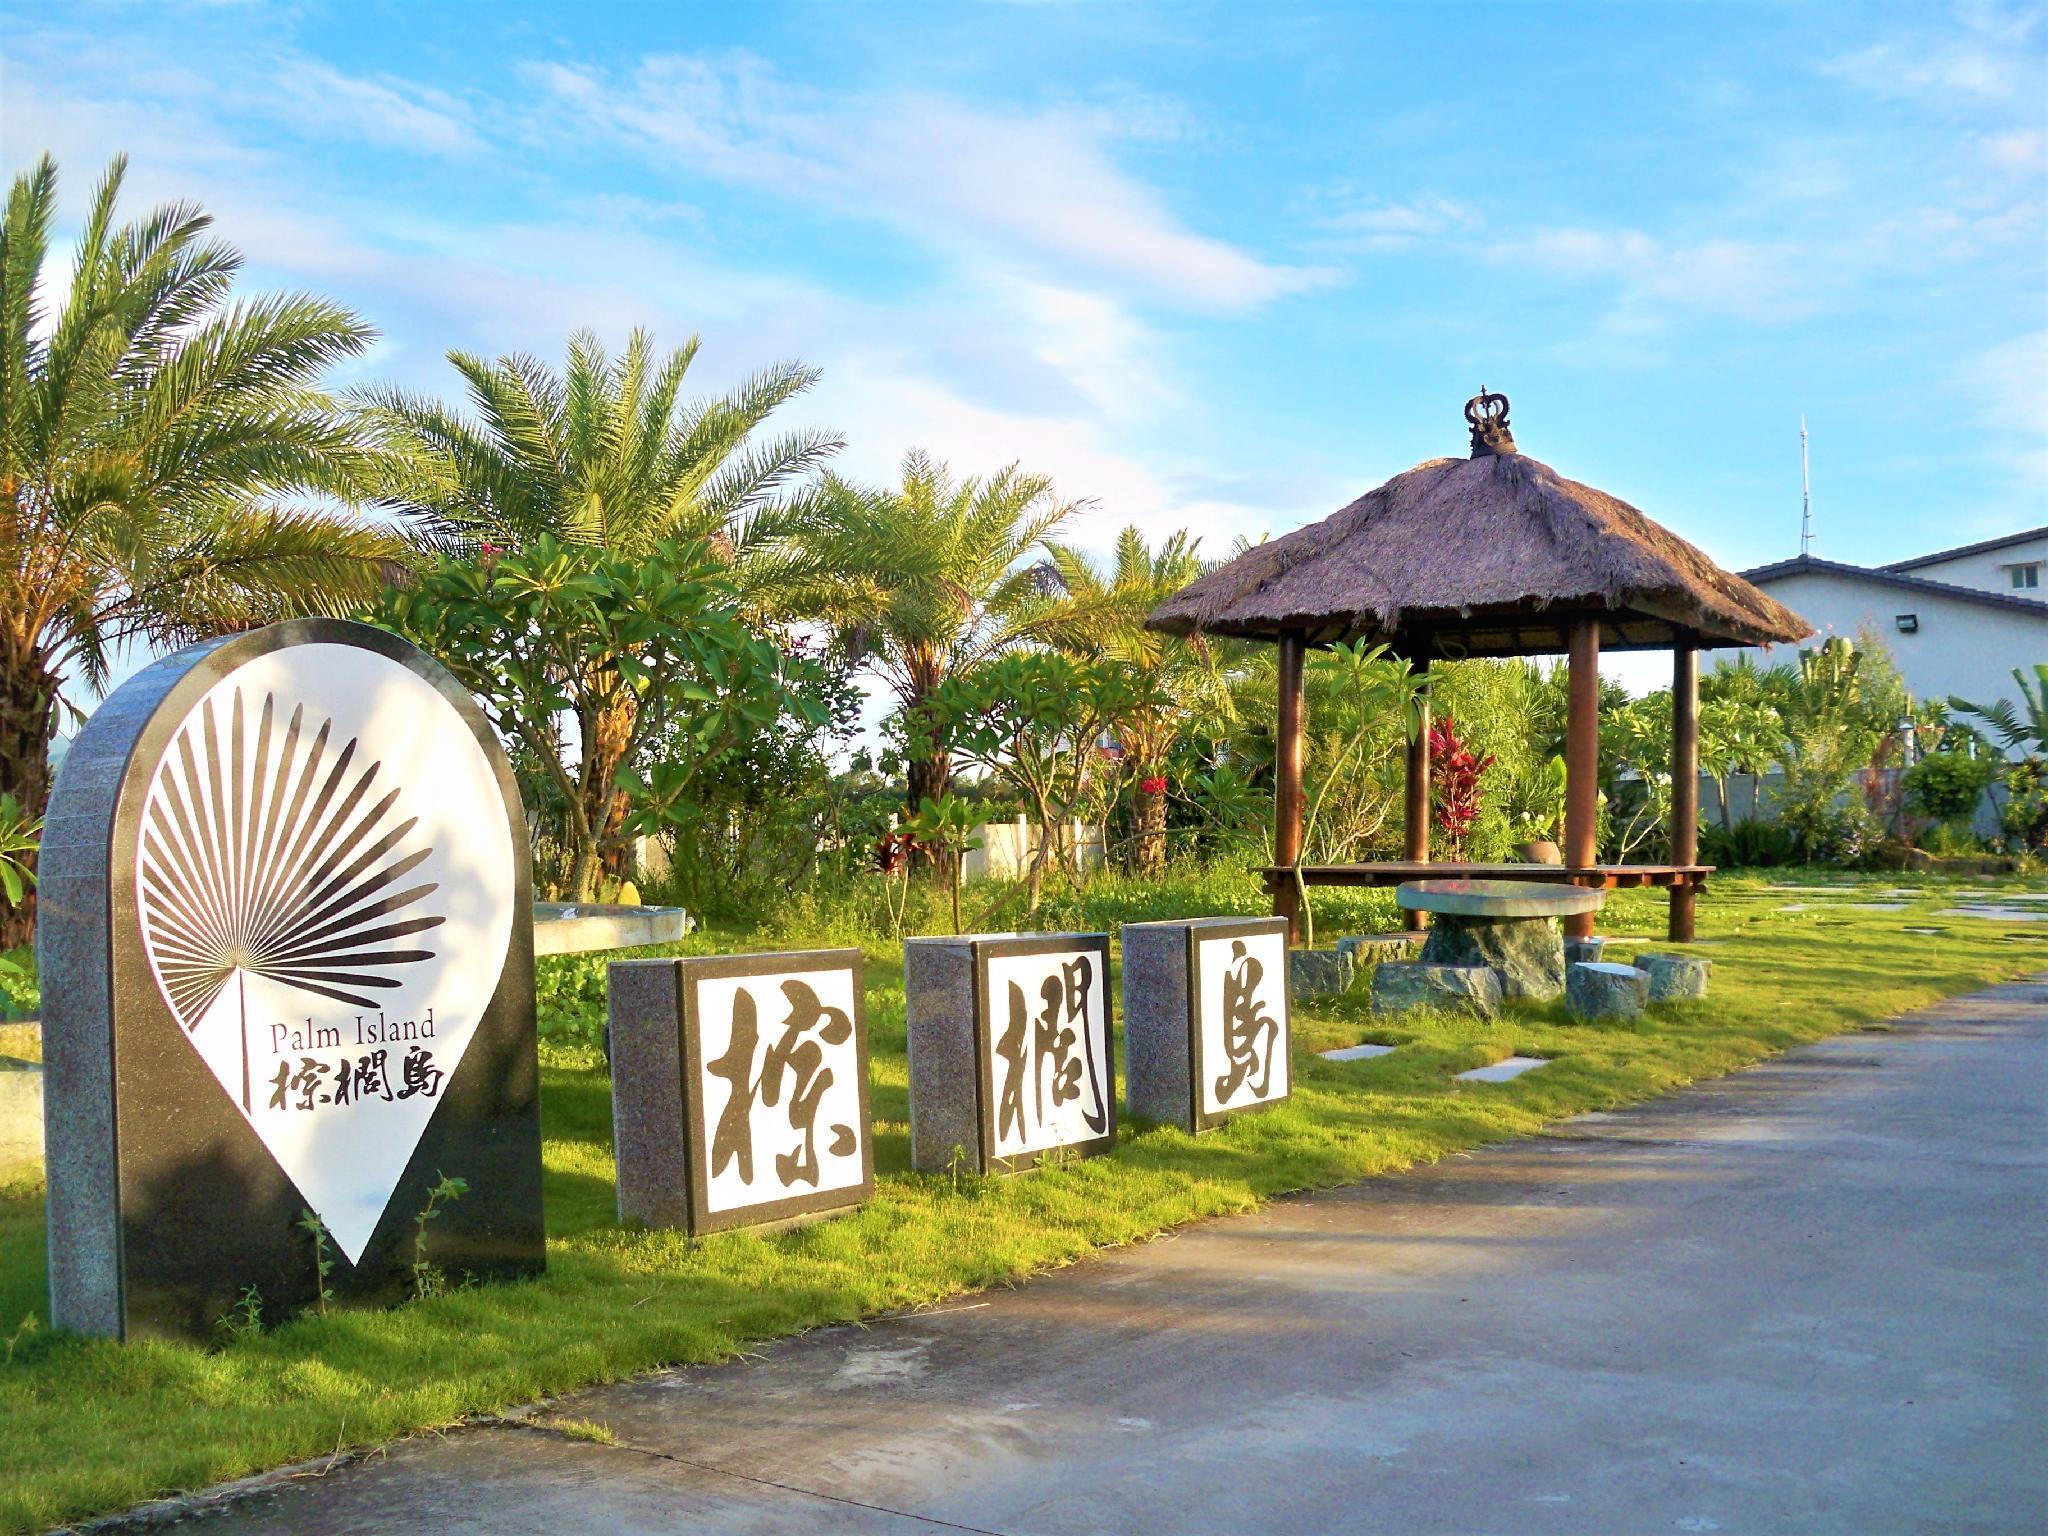 Palm Island., Yulin